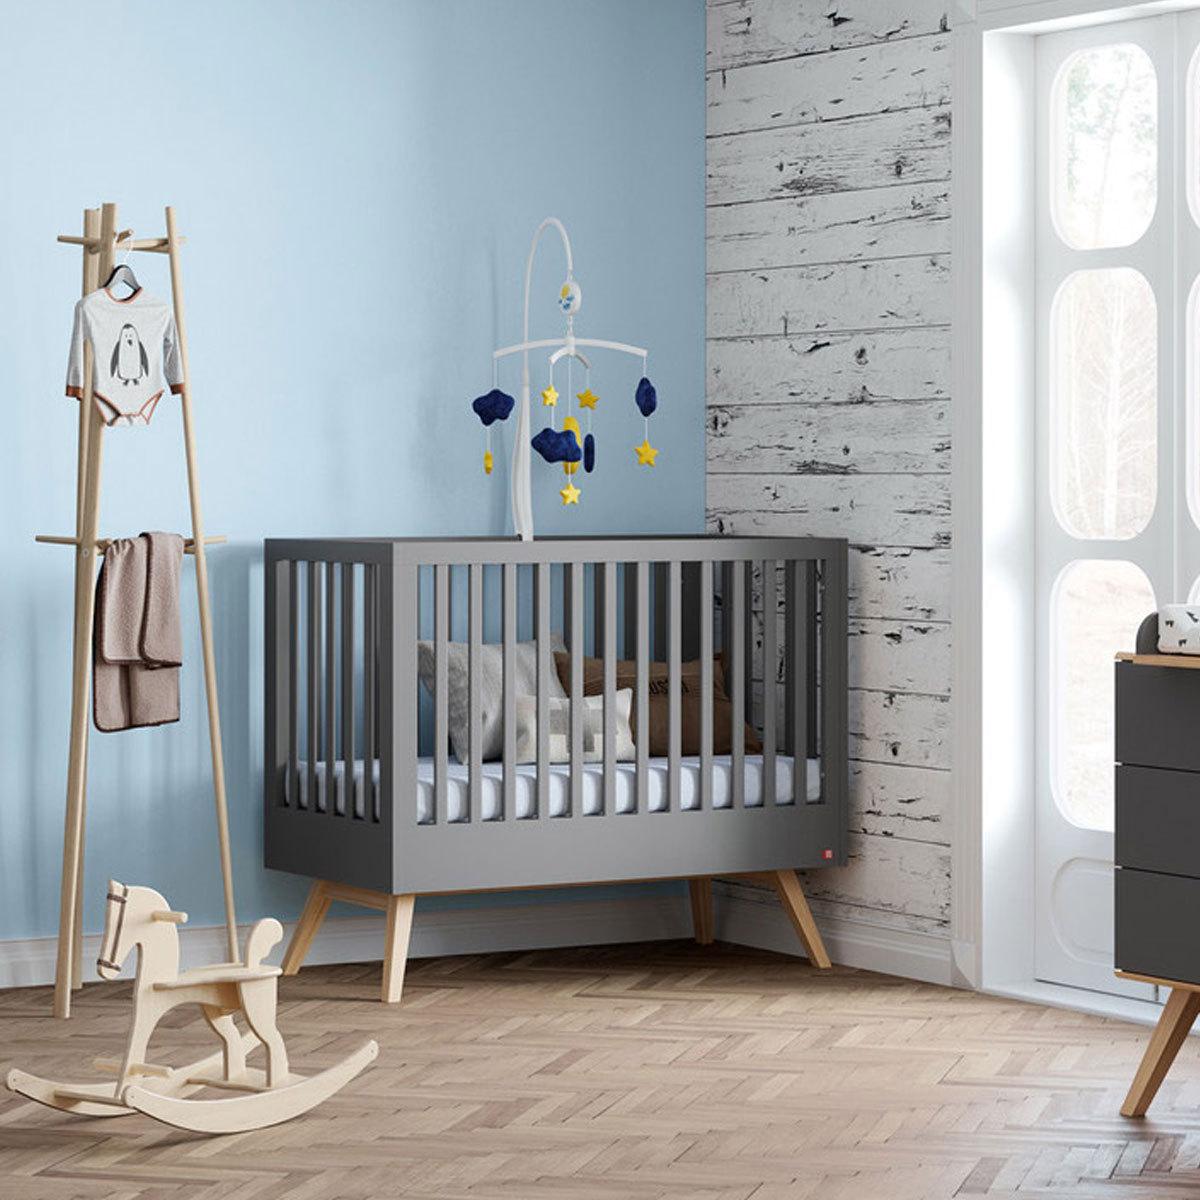 vox meubles lit b b nature 70 x 140 cm gris lit b b vox meubles sur l 39 armoire de b b. Black Bedroom Furniture Sets. Home Design Ideas